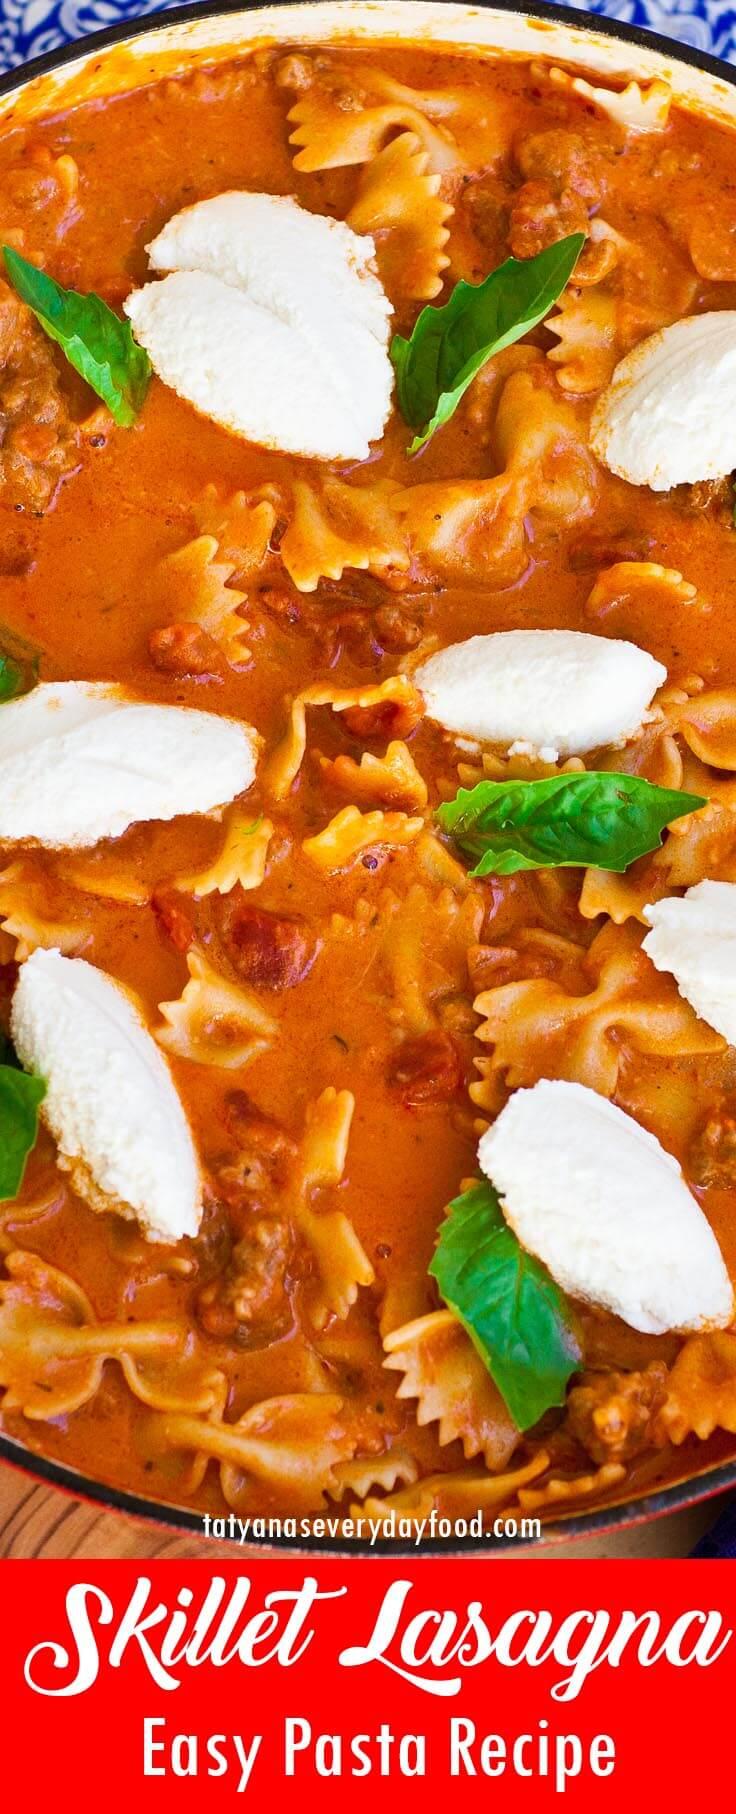 Easy Skillet Lasagna video recipe